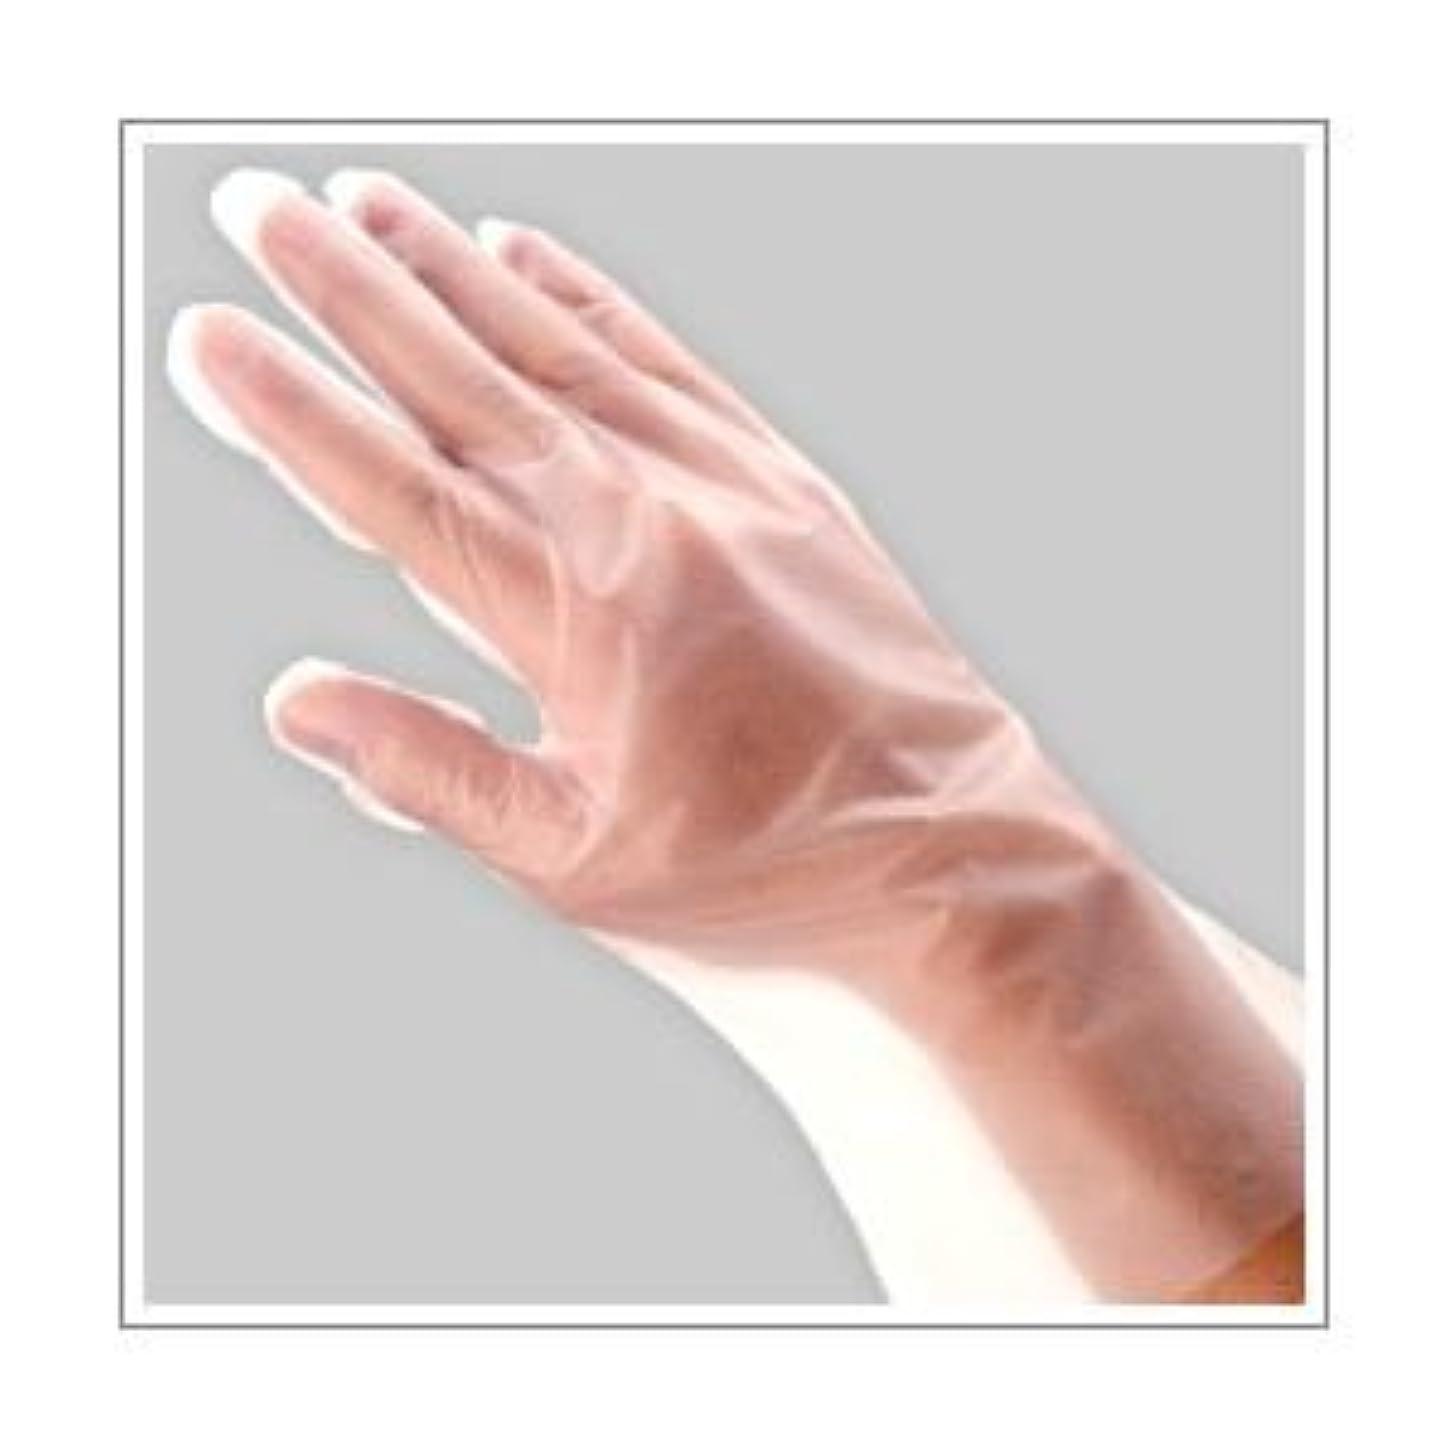 隠す思春期できない福助工業 ポリ手袋 指フィット 100枚パック L ×10セット